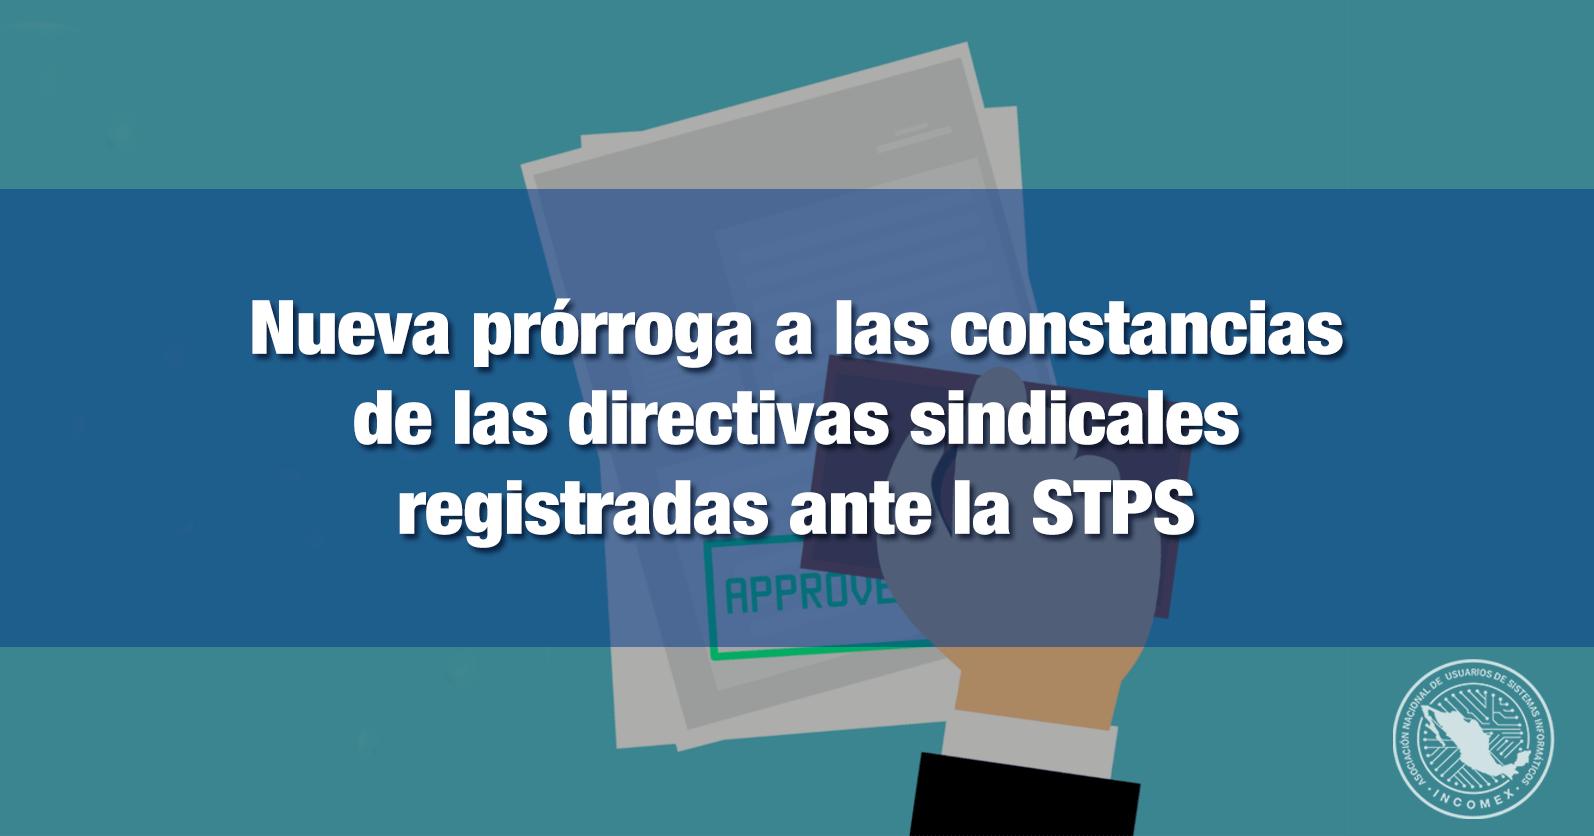 Nueva prórroga a las constancias de las directivas sindicales registradas ante la STPS